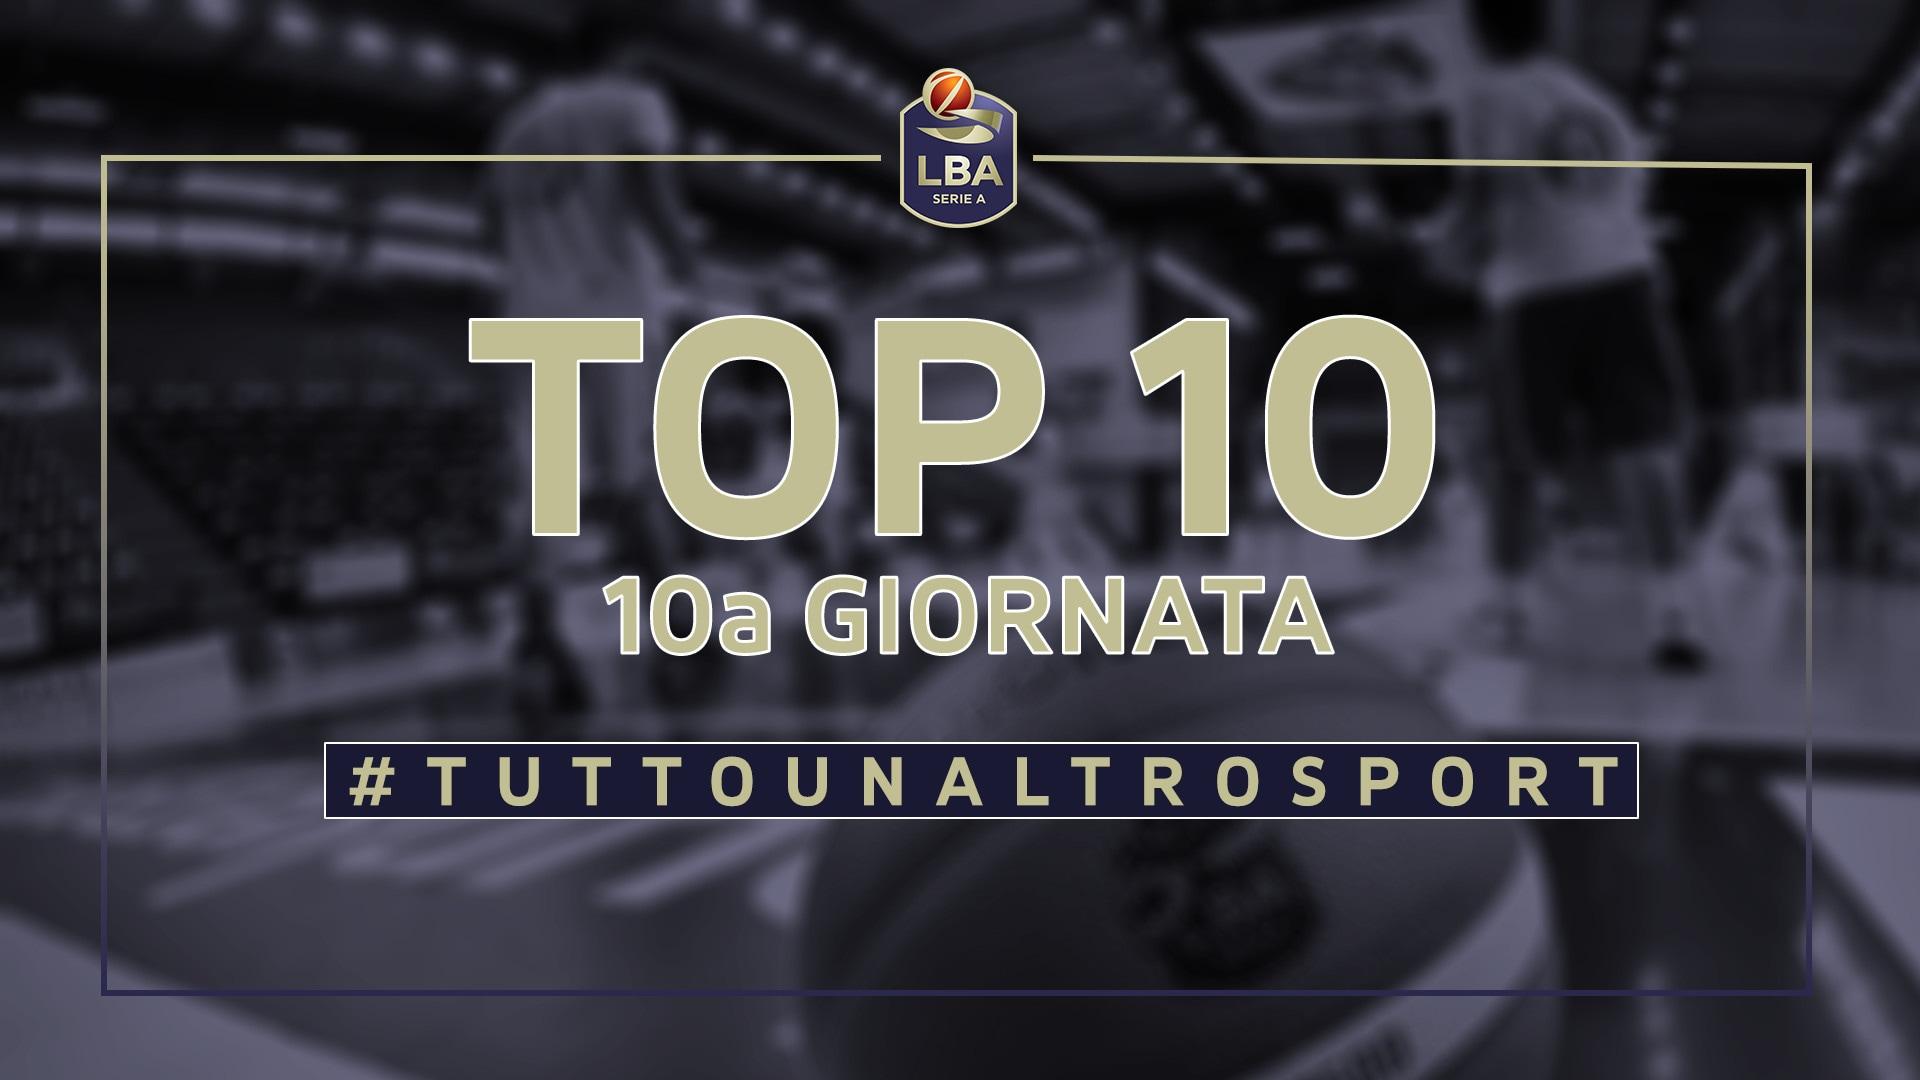 La Top Ten della 10ª giornata del campionato LBA di Basket